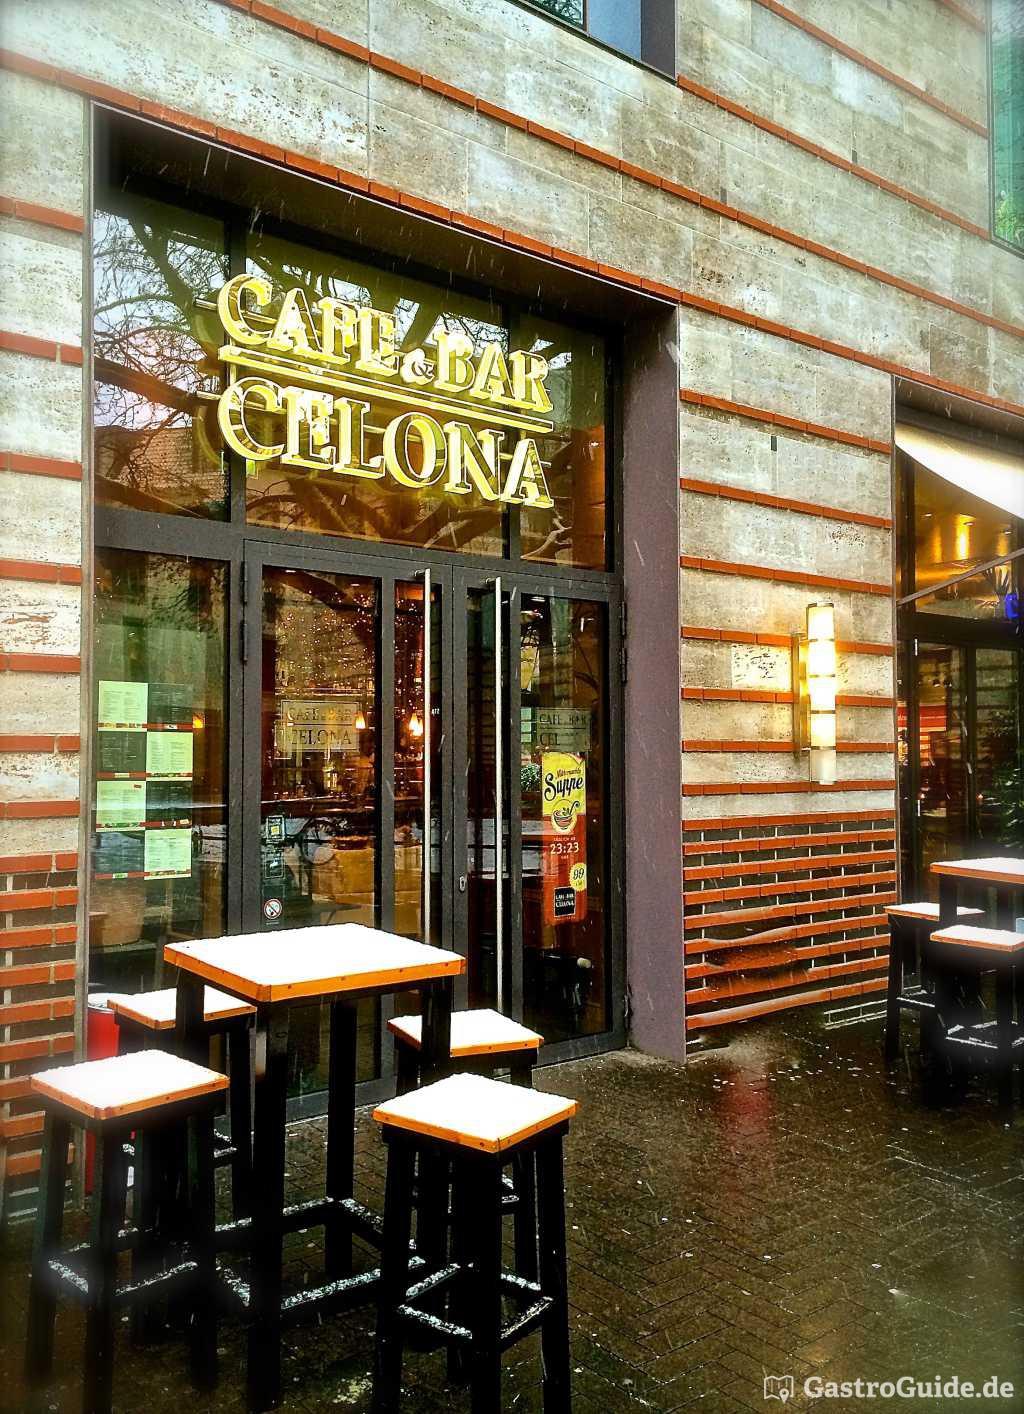 Cafe & Bar Celona Münster Münster